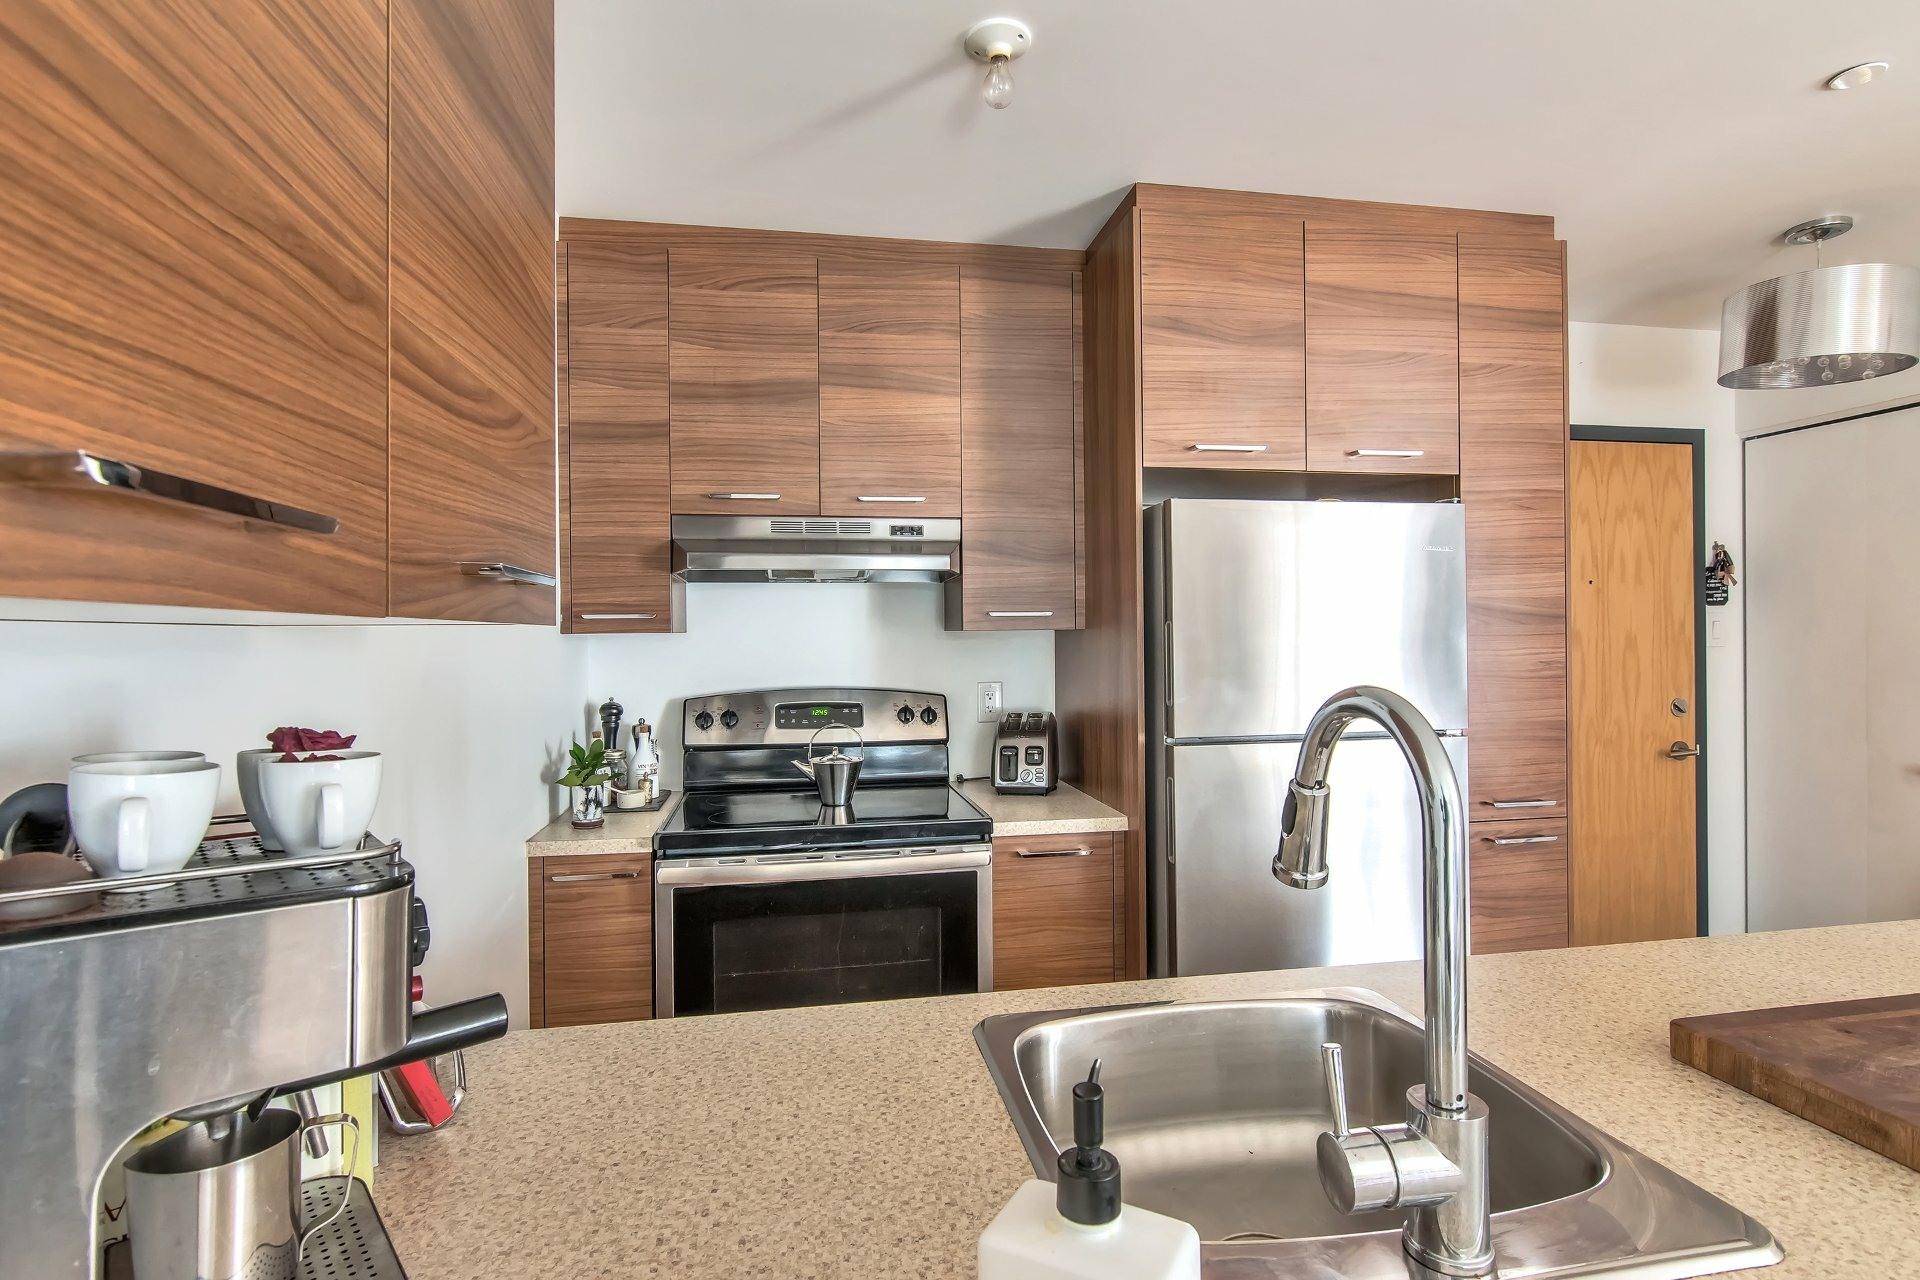 image 17 - Apartment For sale Laval-des-Rapides Laval  - 4 rooms